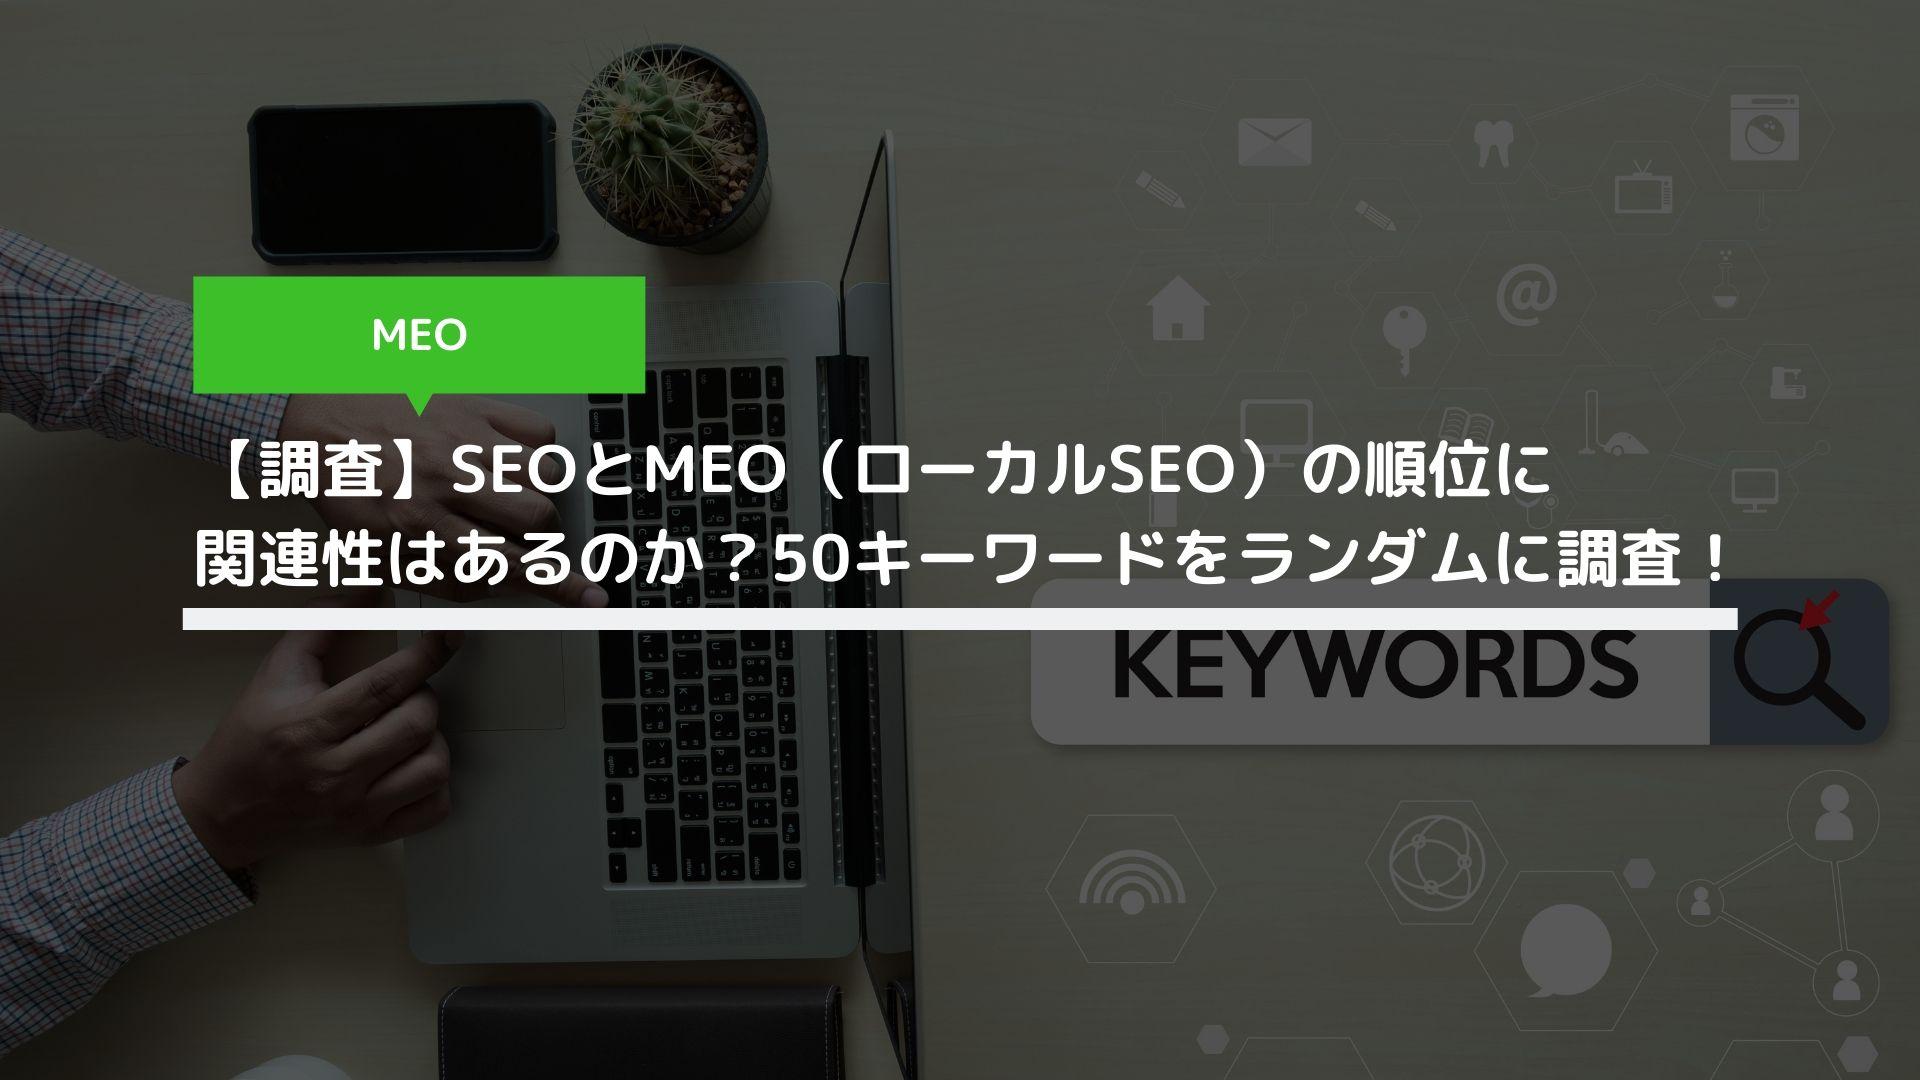 【調査】SEOとMEO(ローカルSEO)の順位に関連性はあるのか?50キーワードをランダムに調査!